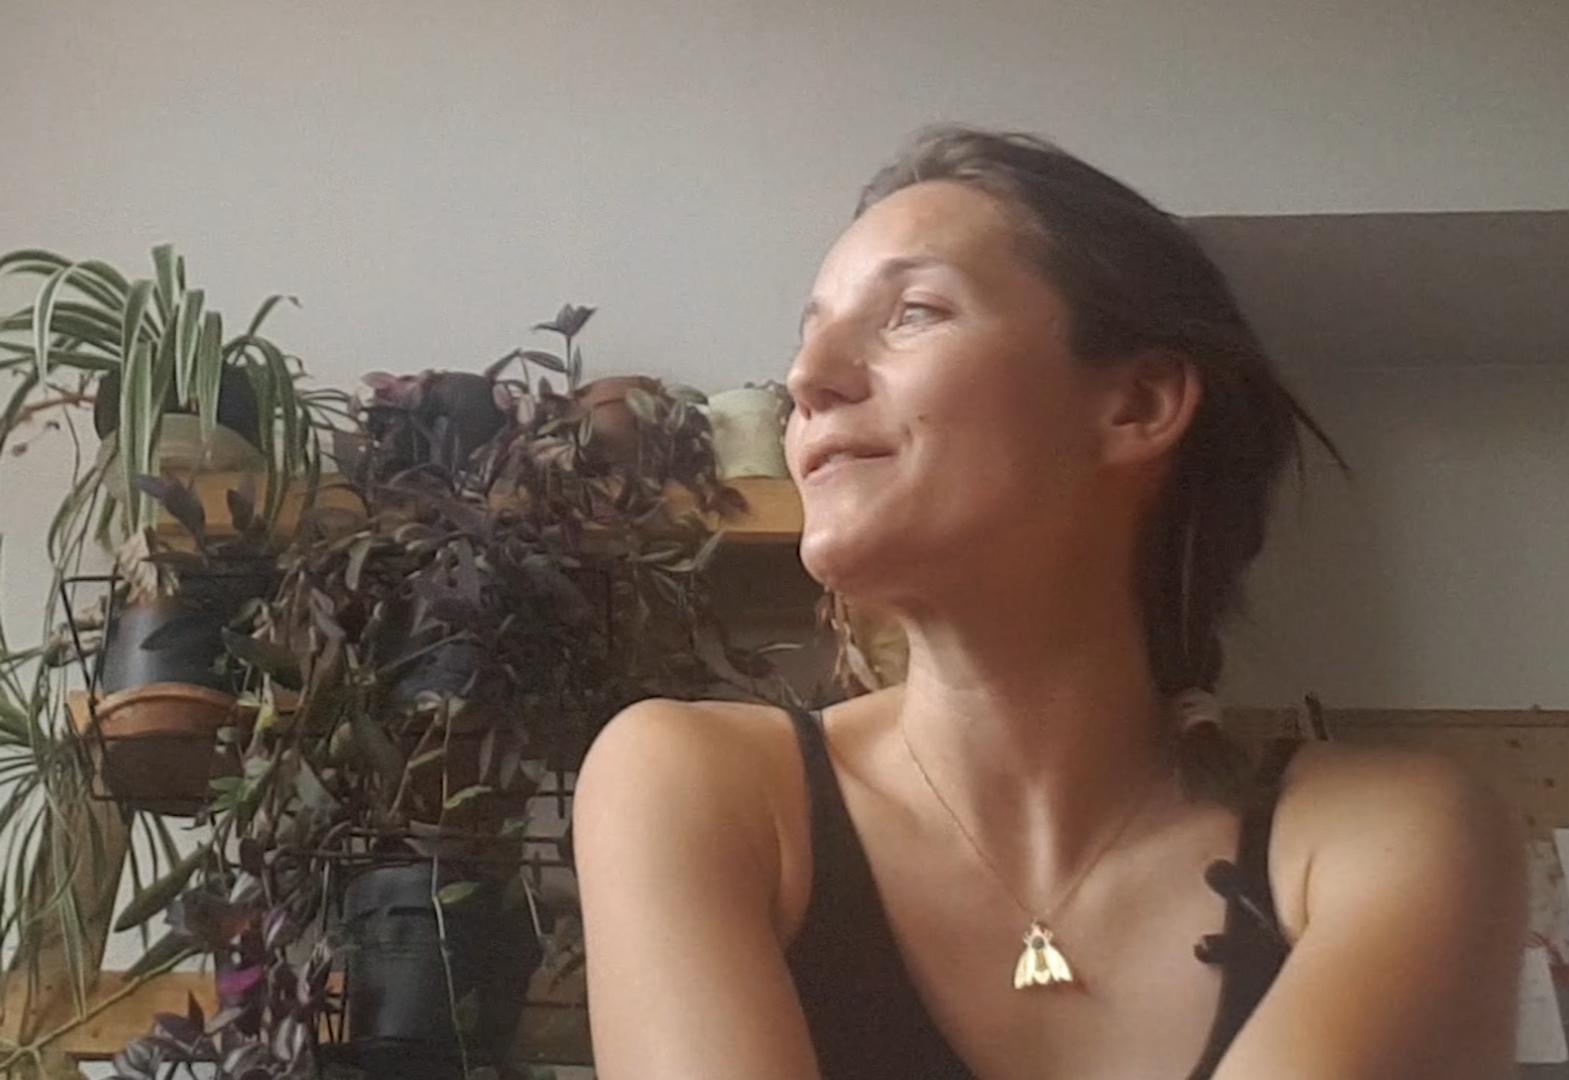 Manon Dugré, invitée de l'épisode 67 de #2050LePodcast